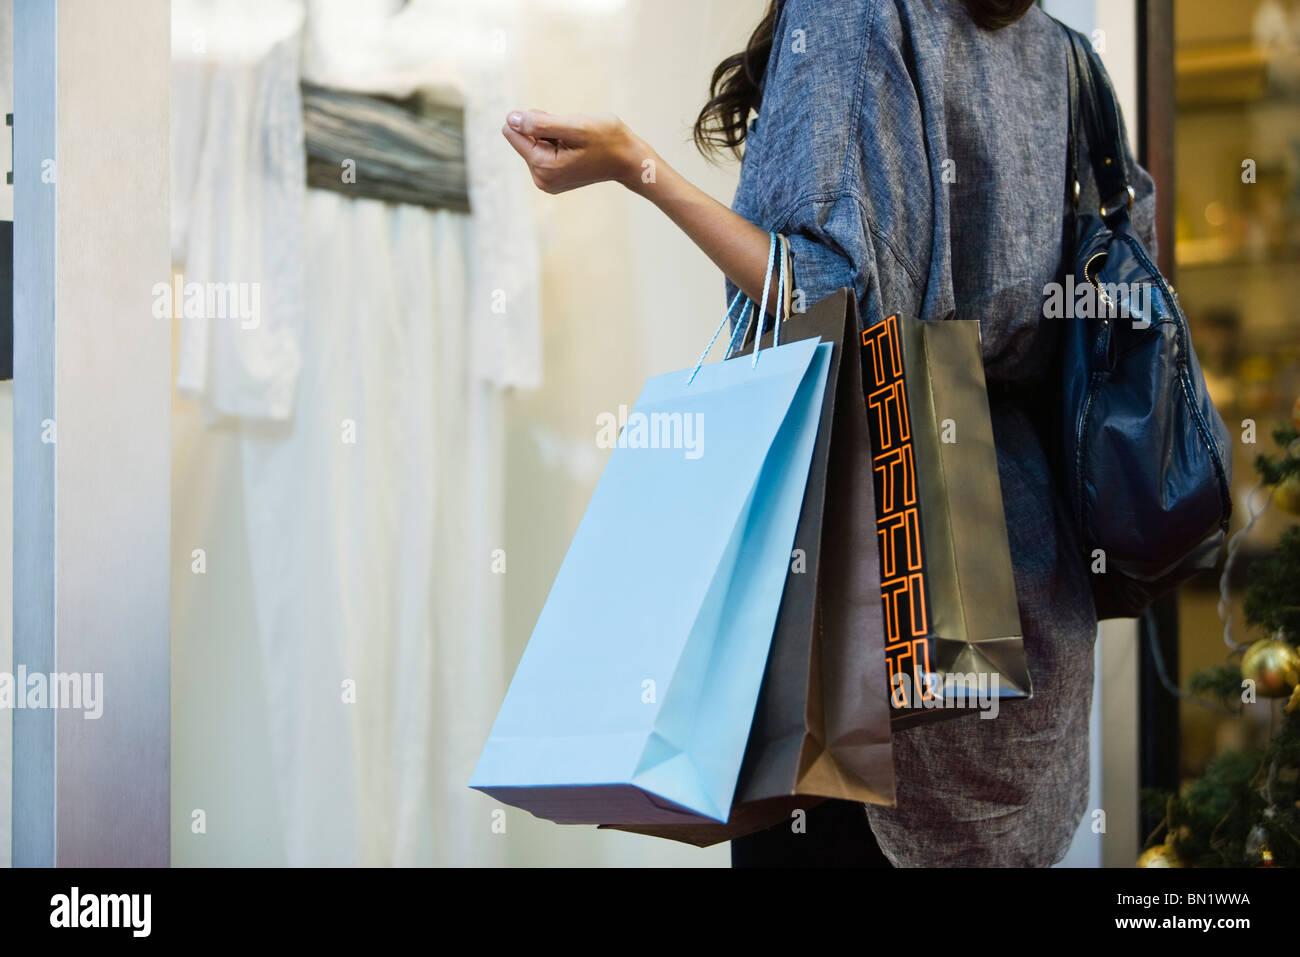 Window shopping - Stock Image